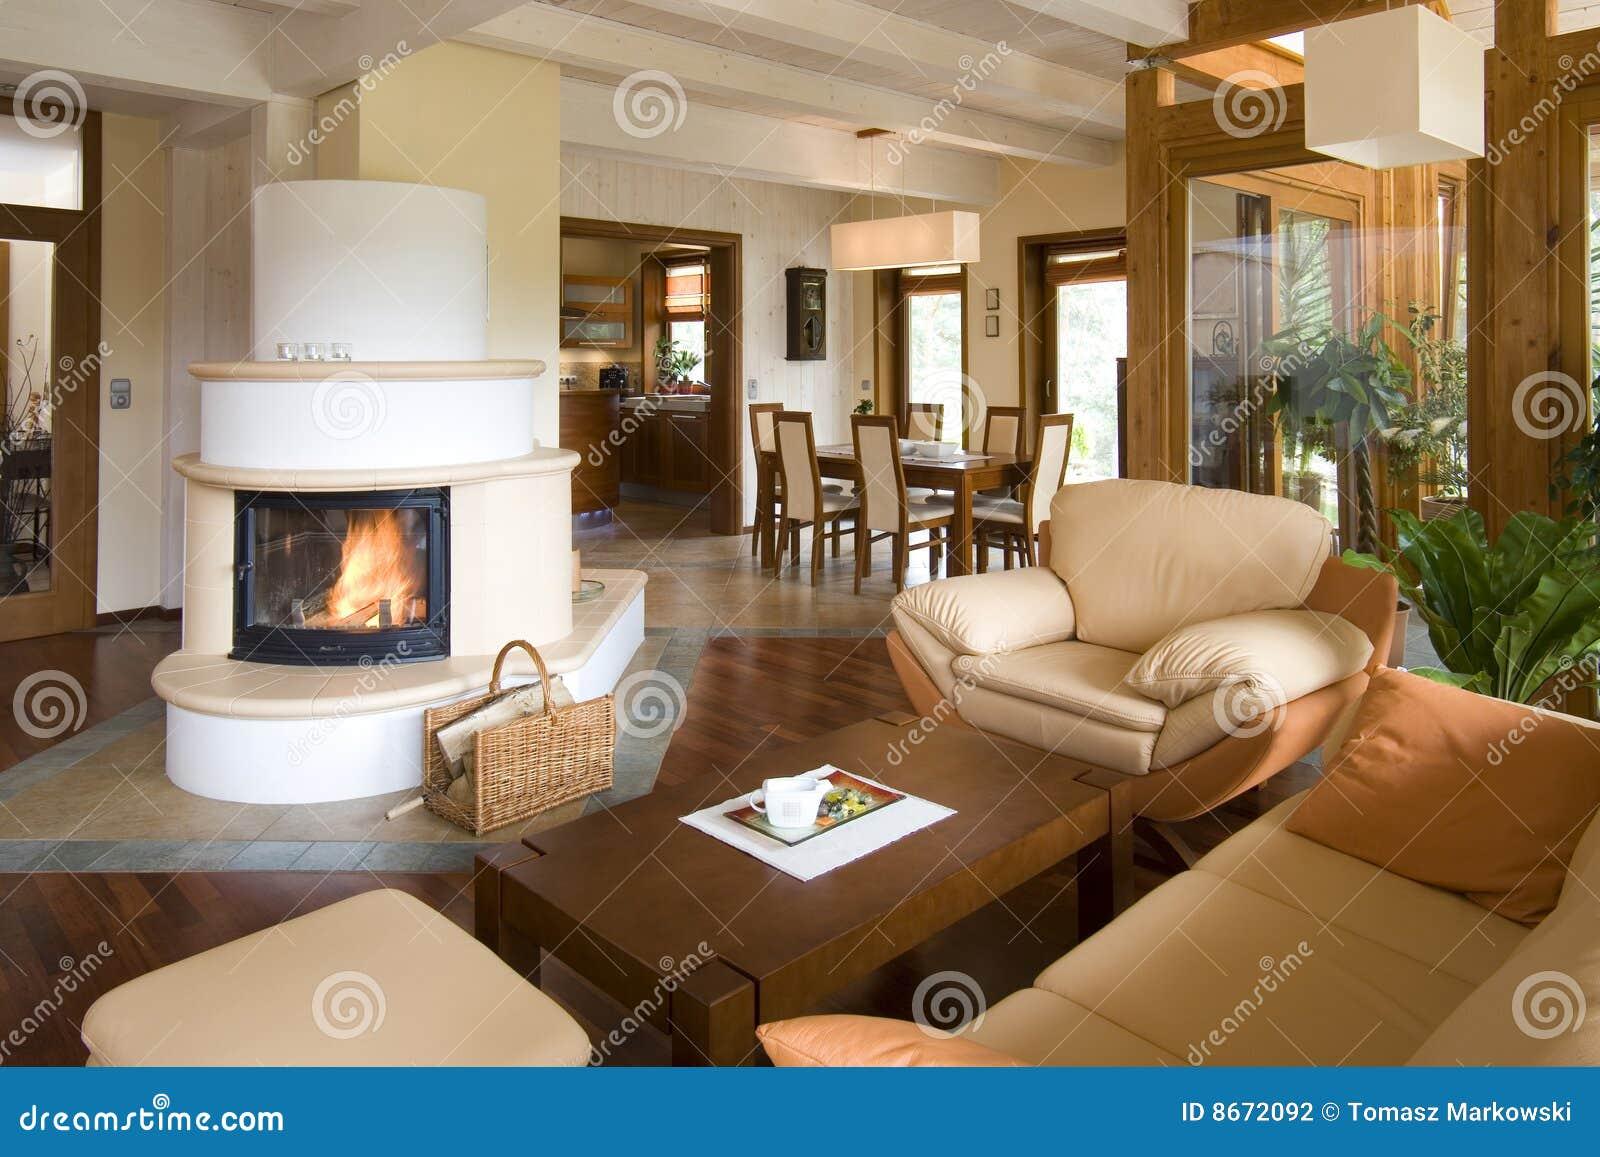 AuBergewohnlich Wohnzimmer Modern Luxus Mit Kamin